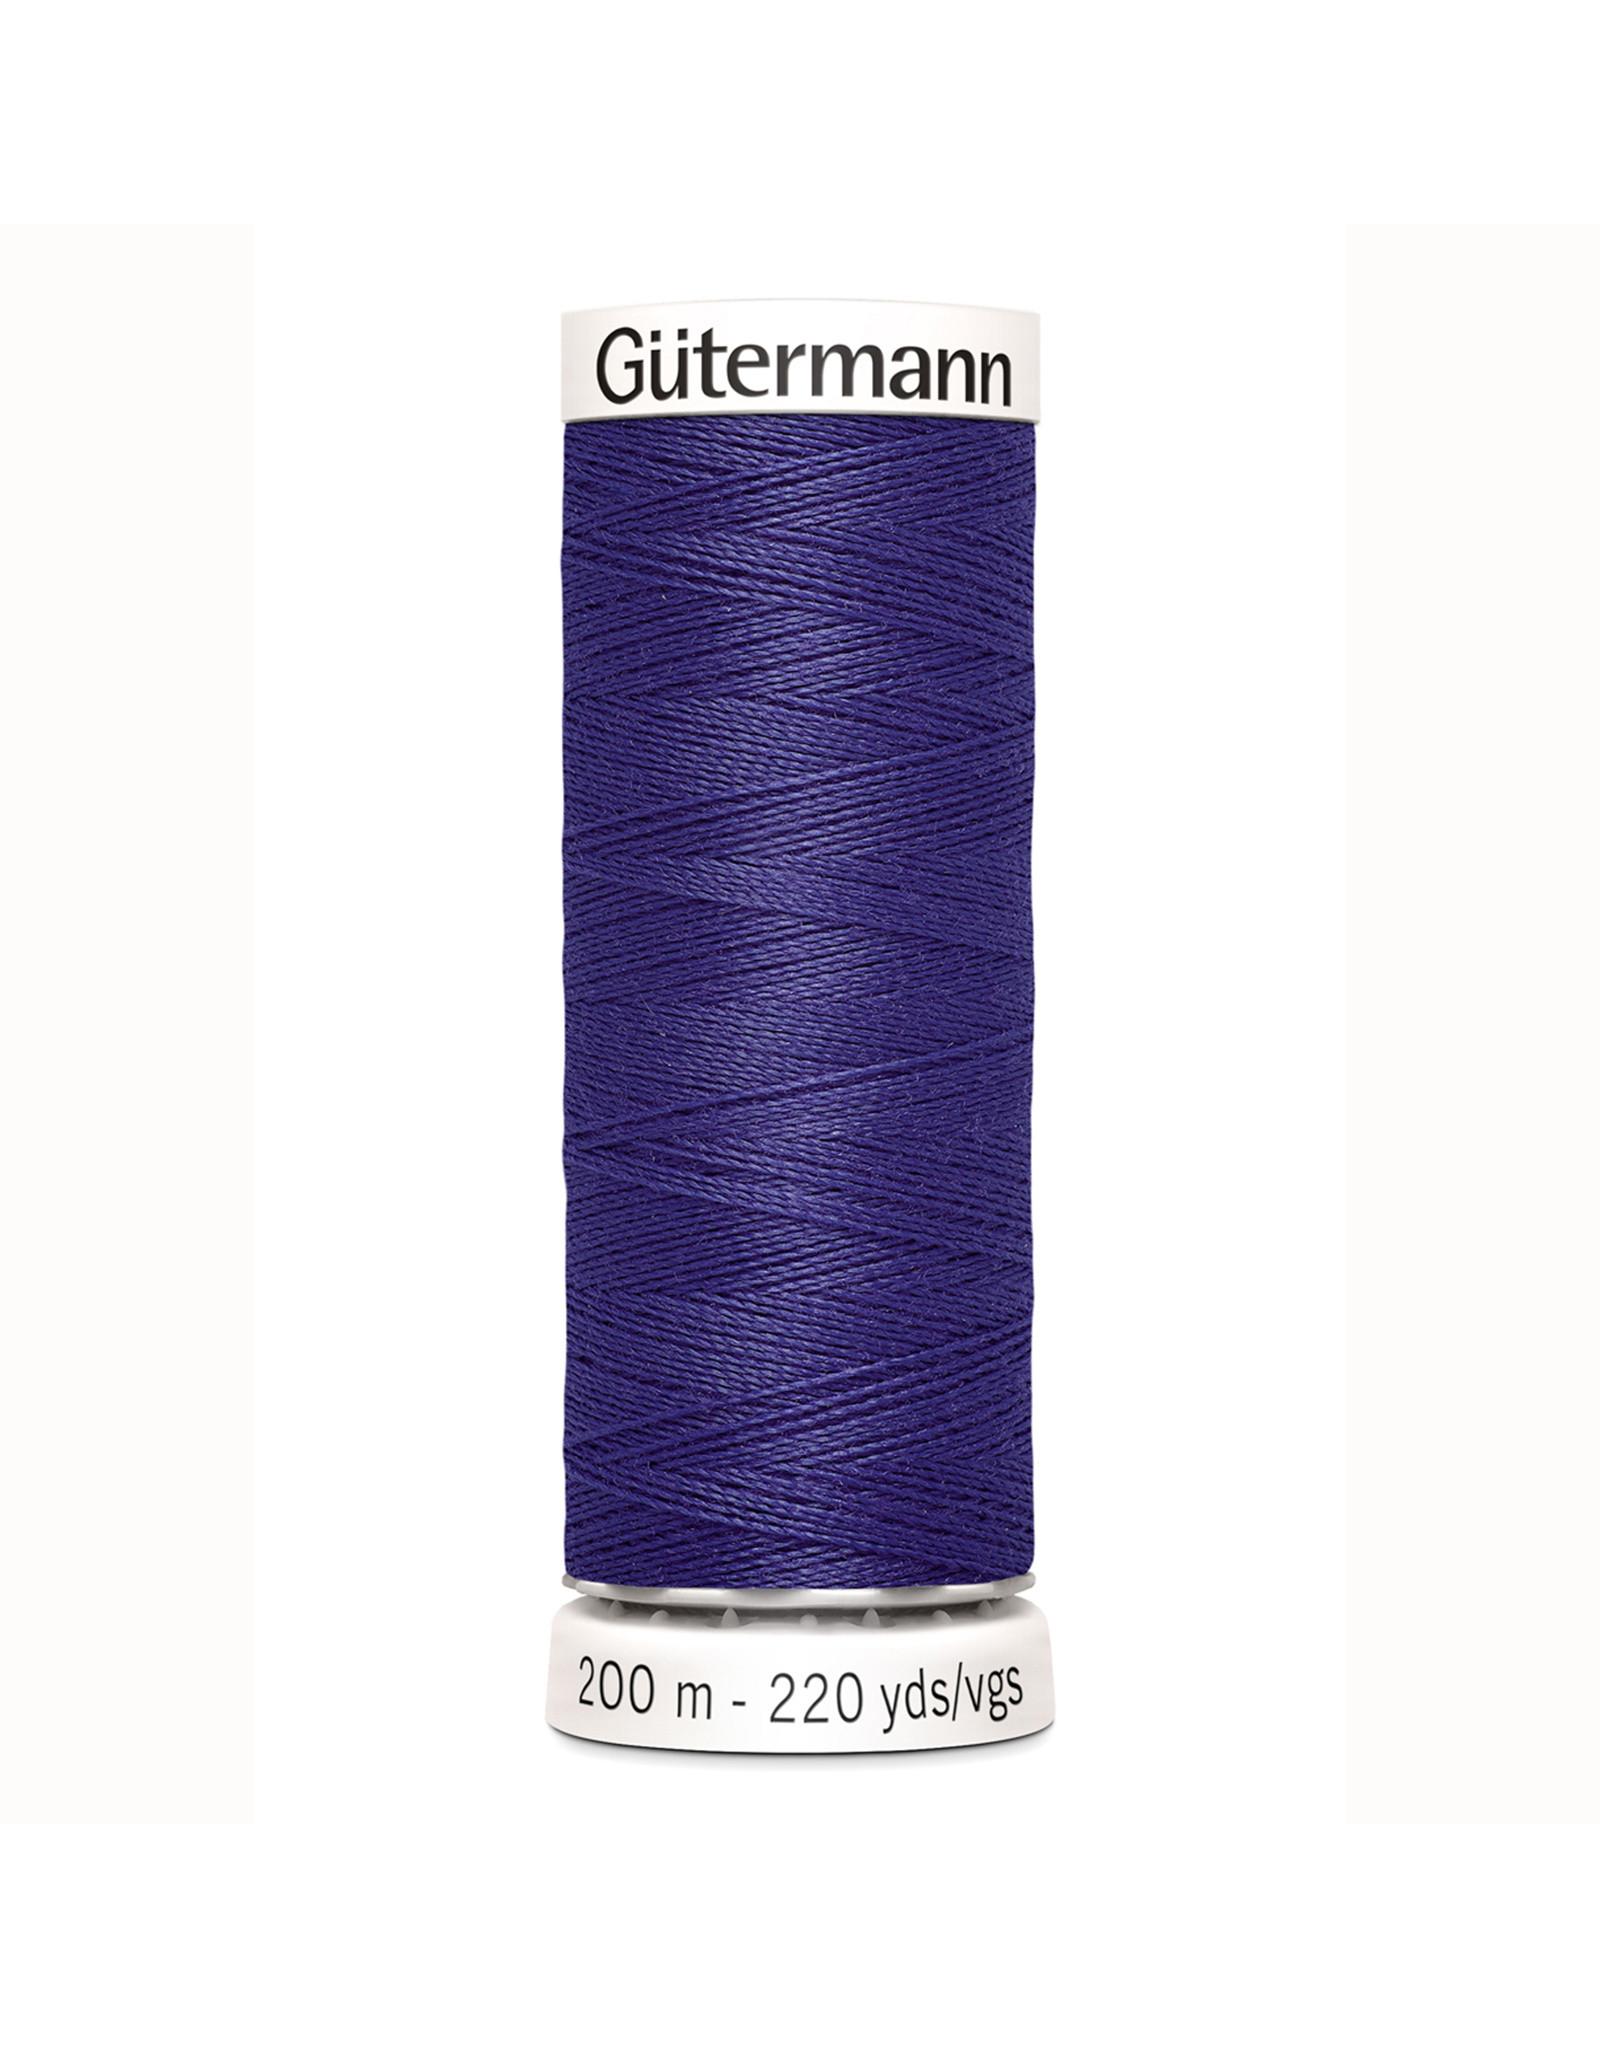 Gütermann Gütermann Nähgarn 200 m - nr 463